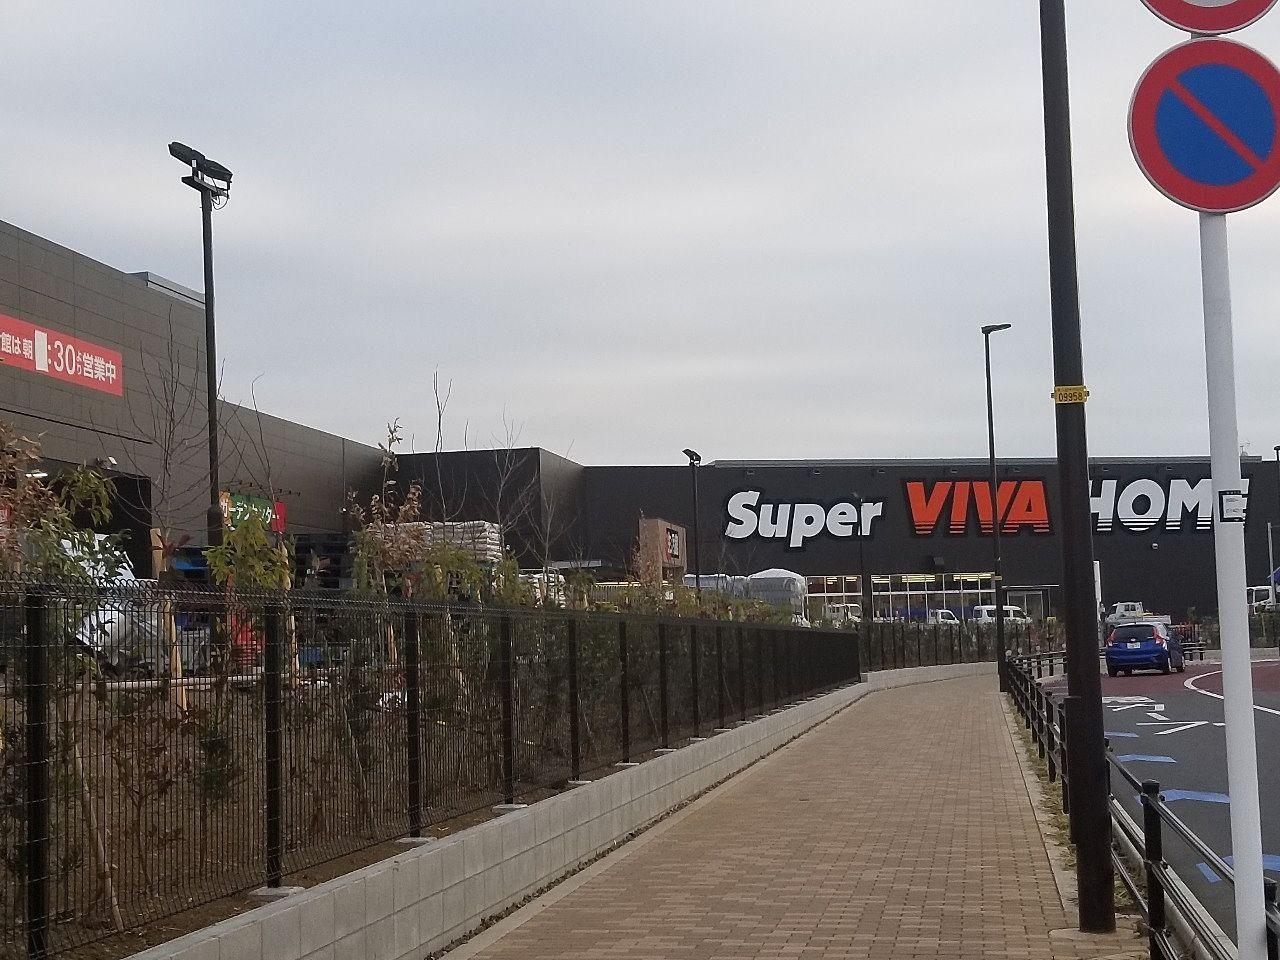 大型ホームセンター、スーパービバホームが東久留米にオープン